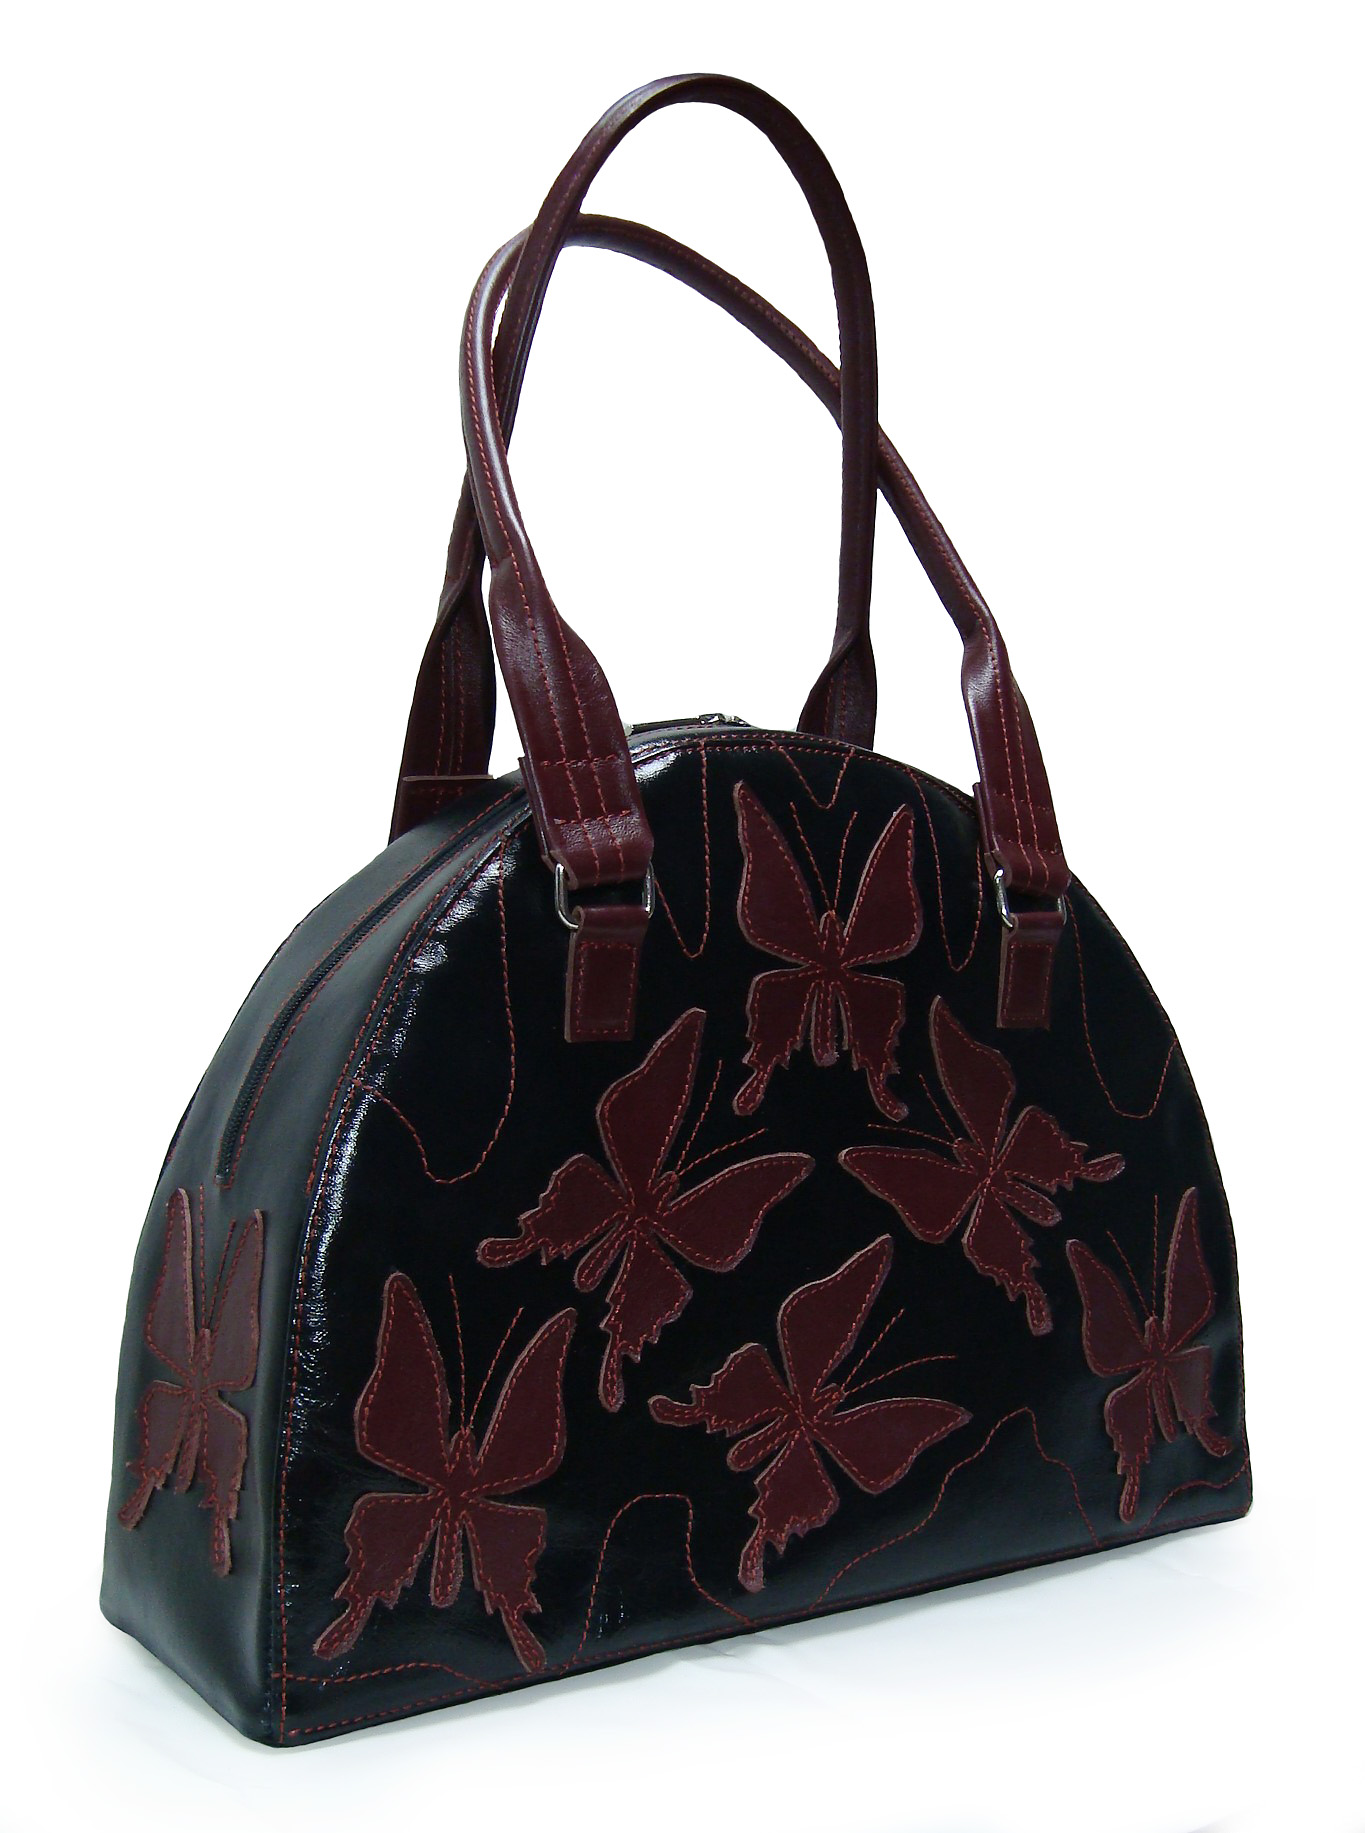 Сумка Модель № 34-3Сумки и др. изделия из кожи<br>Высота сумки: 30 см <br>Ширина сумки низ: 42 см <br>Ширина дна: 14 см <br>Длинна ручек: 60 см<br><br>Тип: Сумка<br>Размер: -<br>Материал: Натуральная кожа